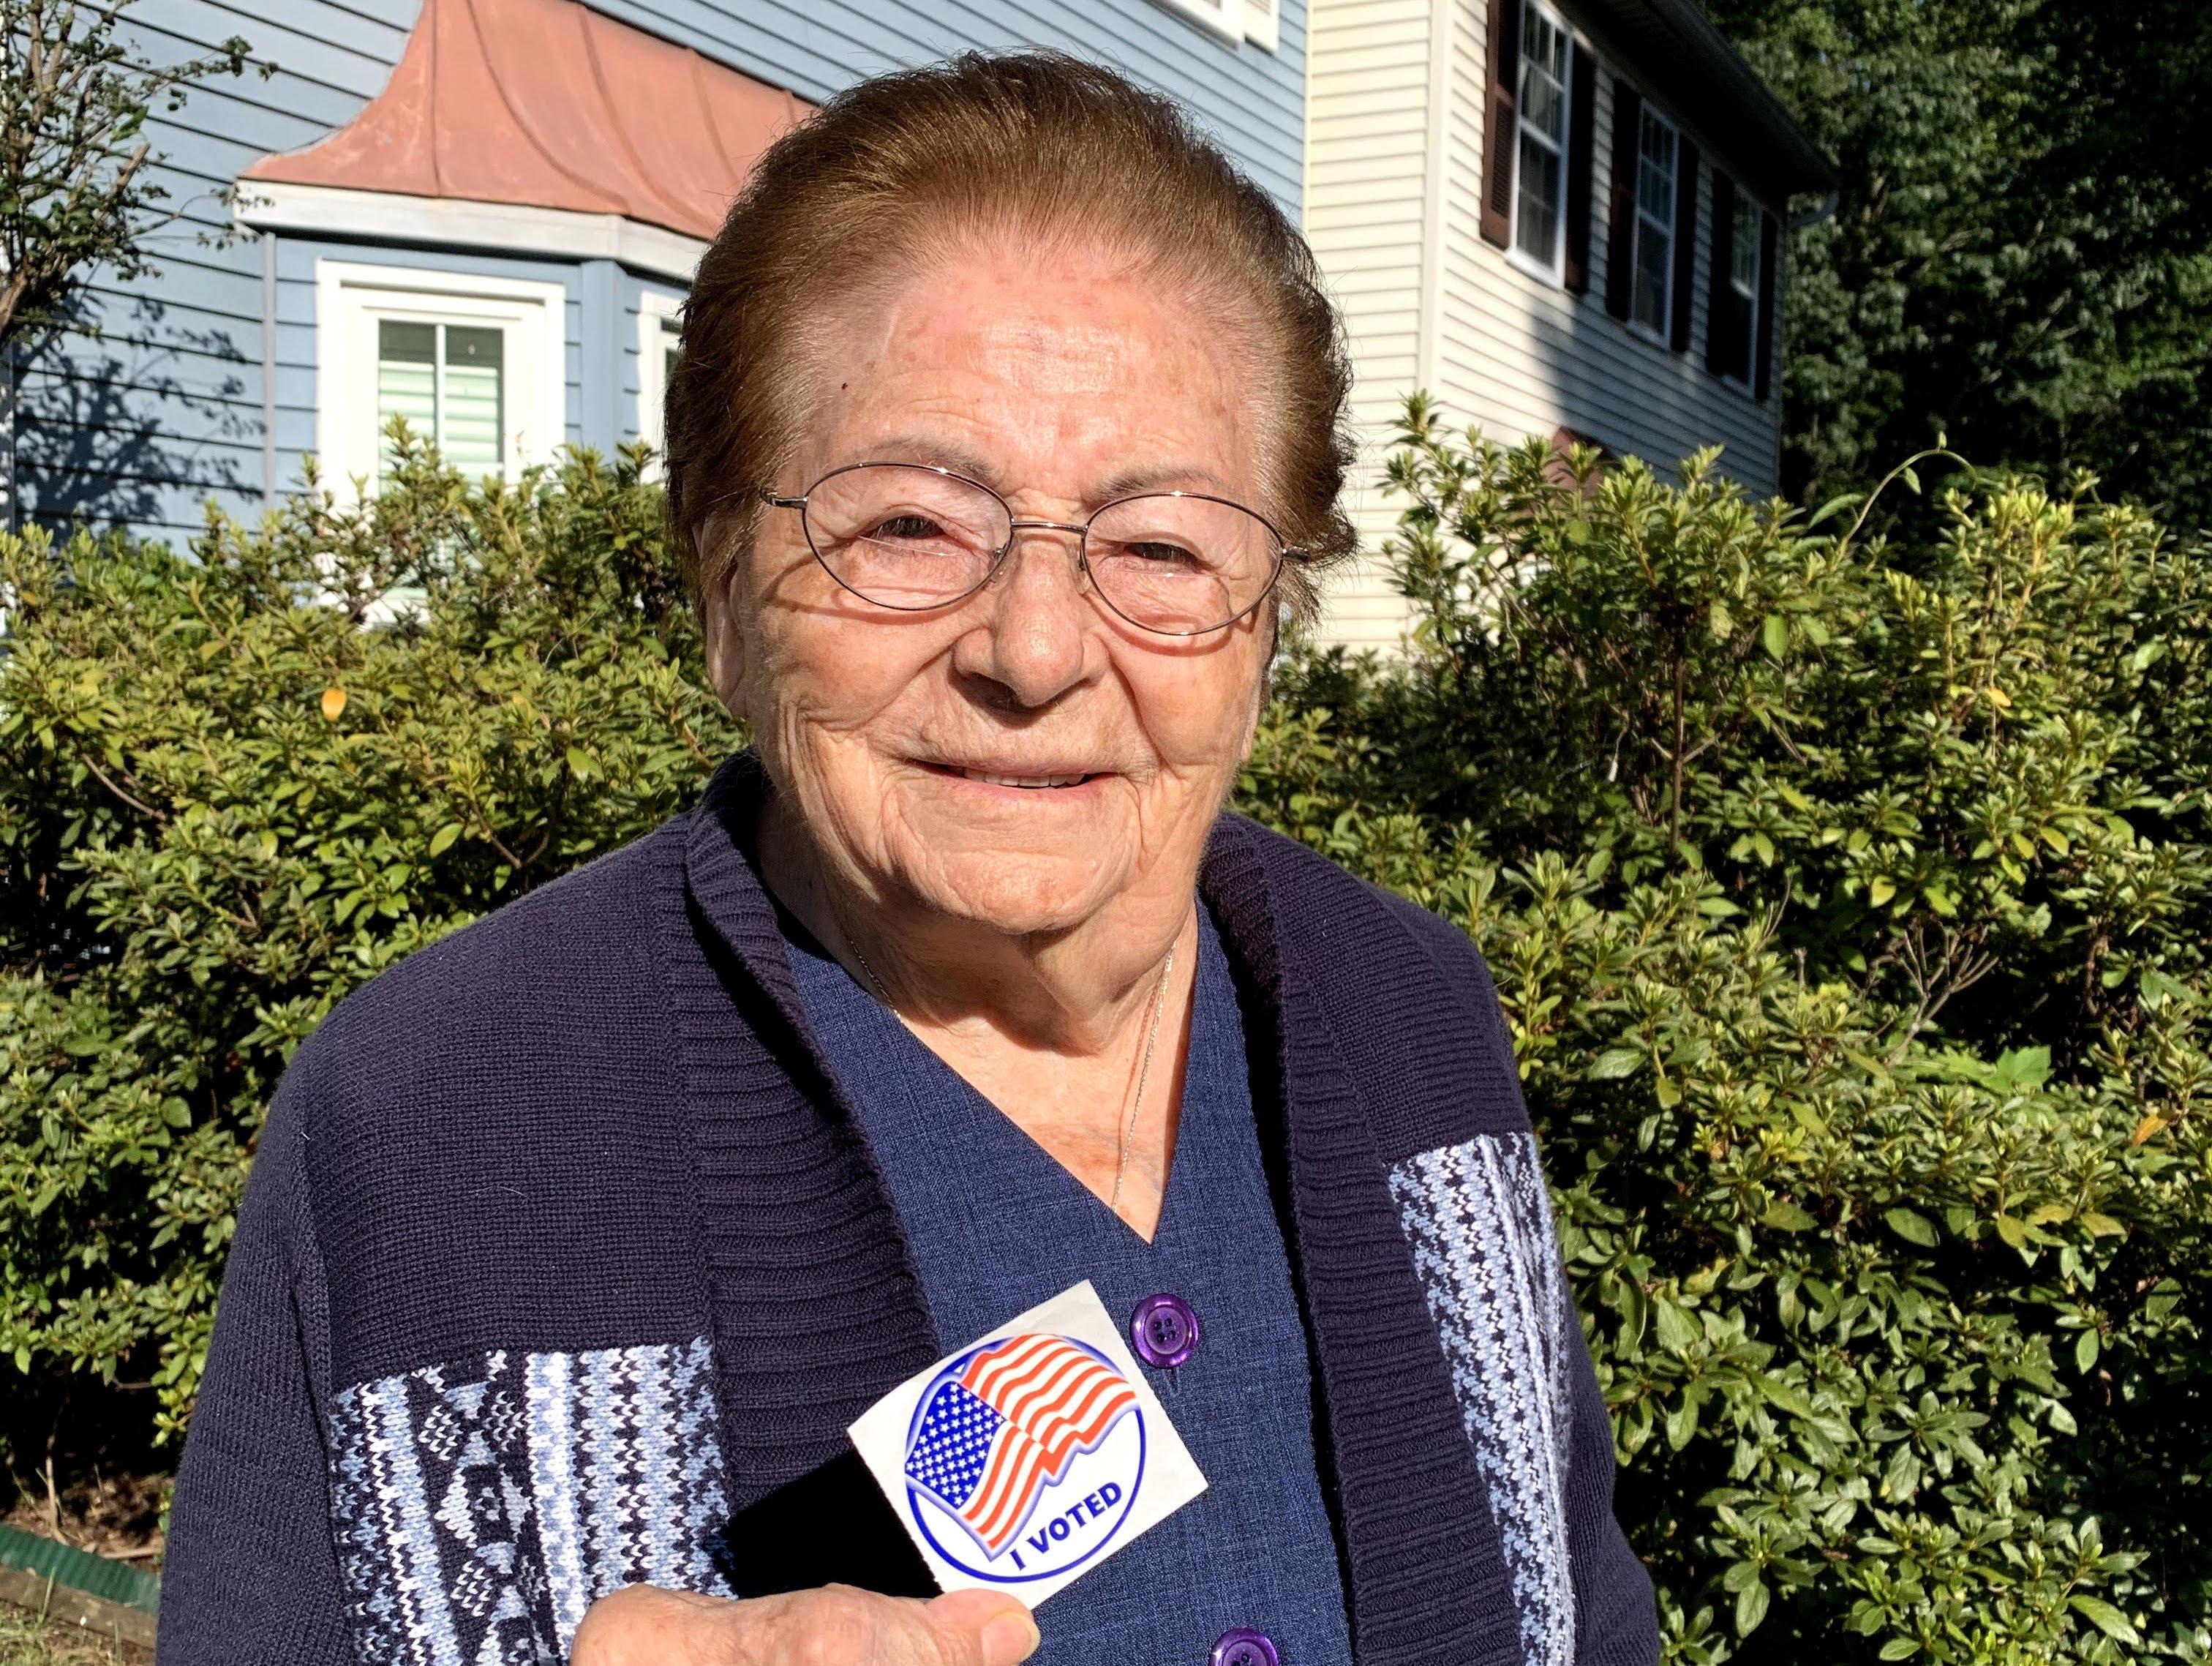 CENTENARIA. Rebeca Sánchez Mantilla cumplió 101 años en agosto. El viernes 18 de septiembre, votó por adelantado. FOTO: CORT. KARIN PEDEMONTE